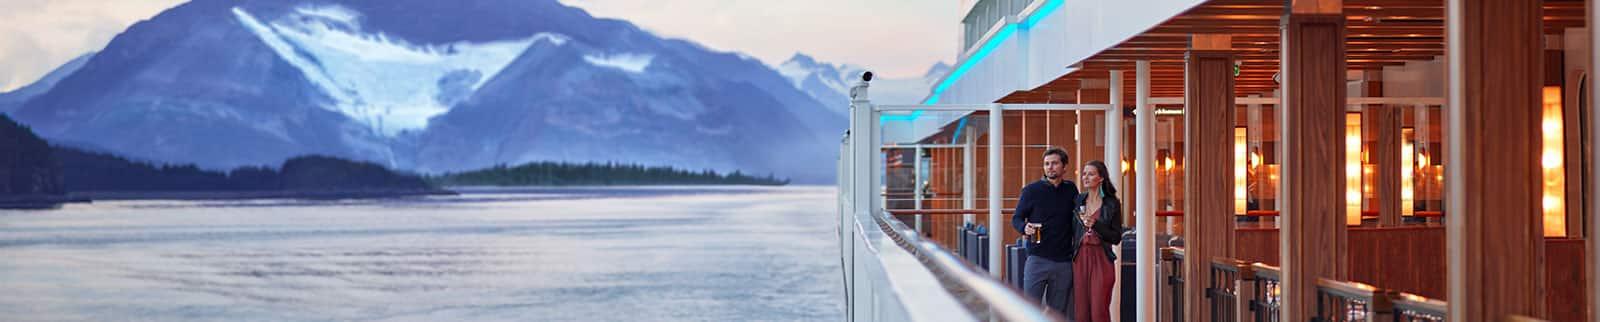 MI.why-cruise-norwegian-2018